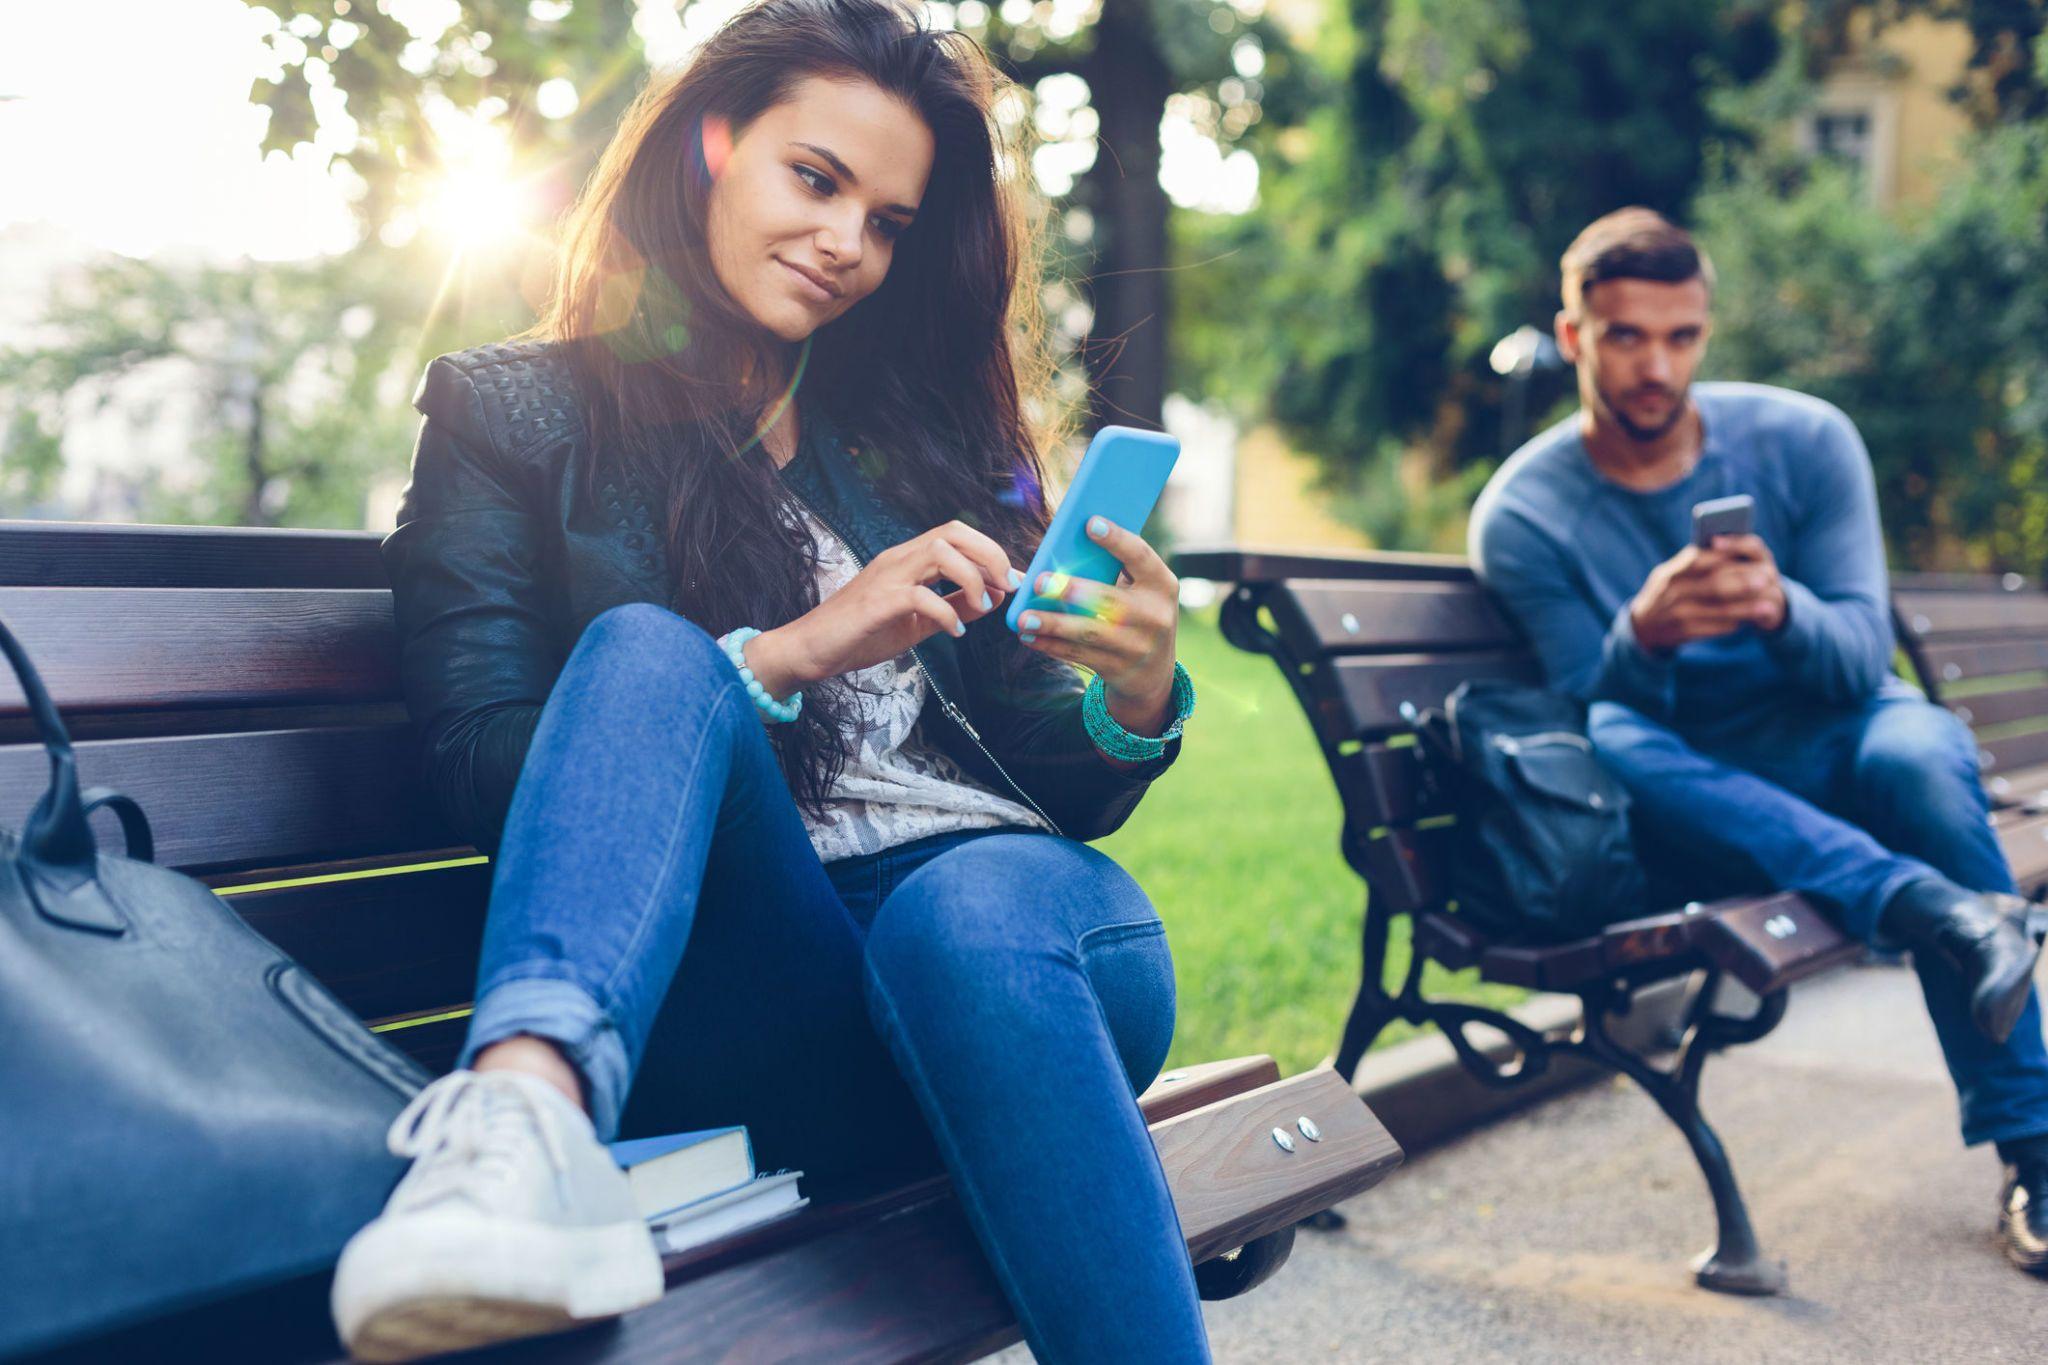 veel meer ondeugende vis dating vraag en antwoord voor online dating